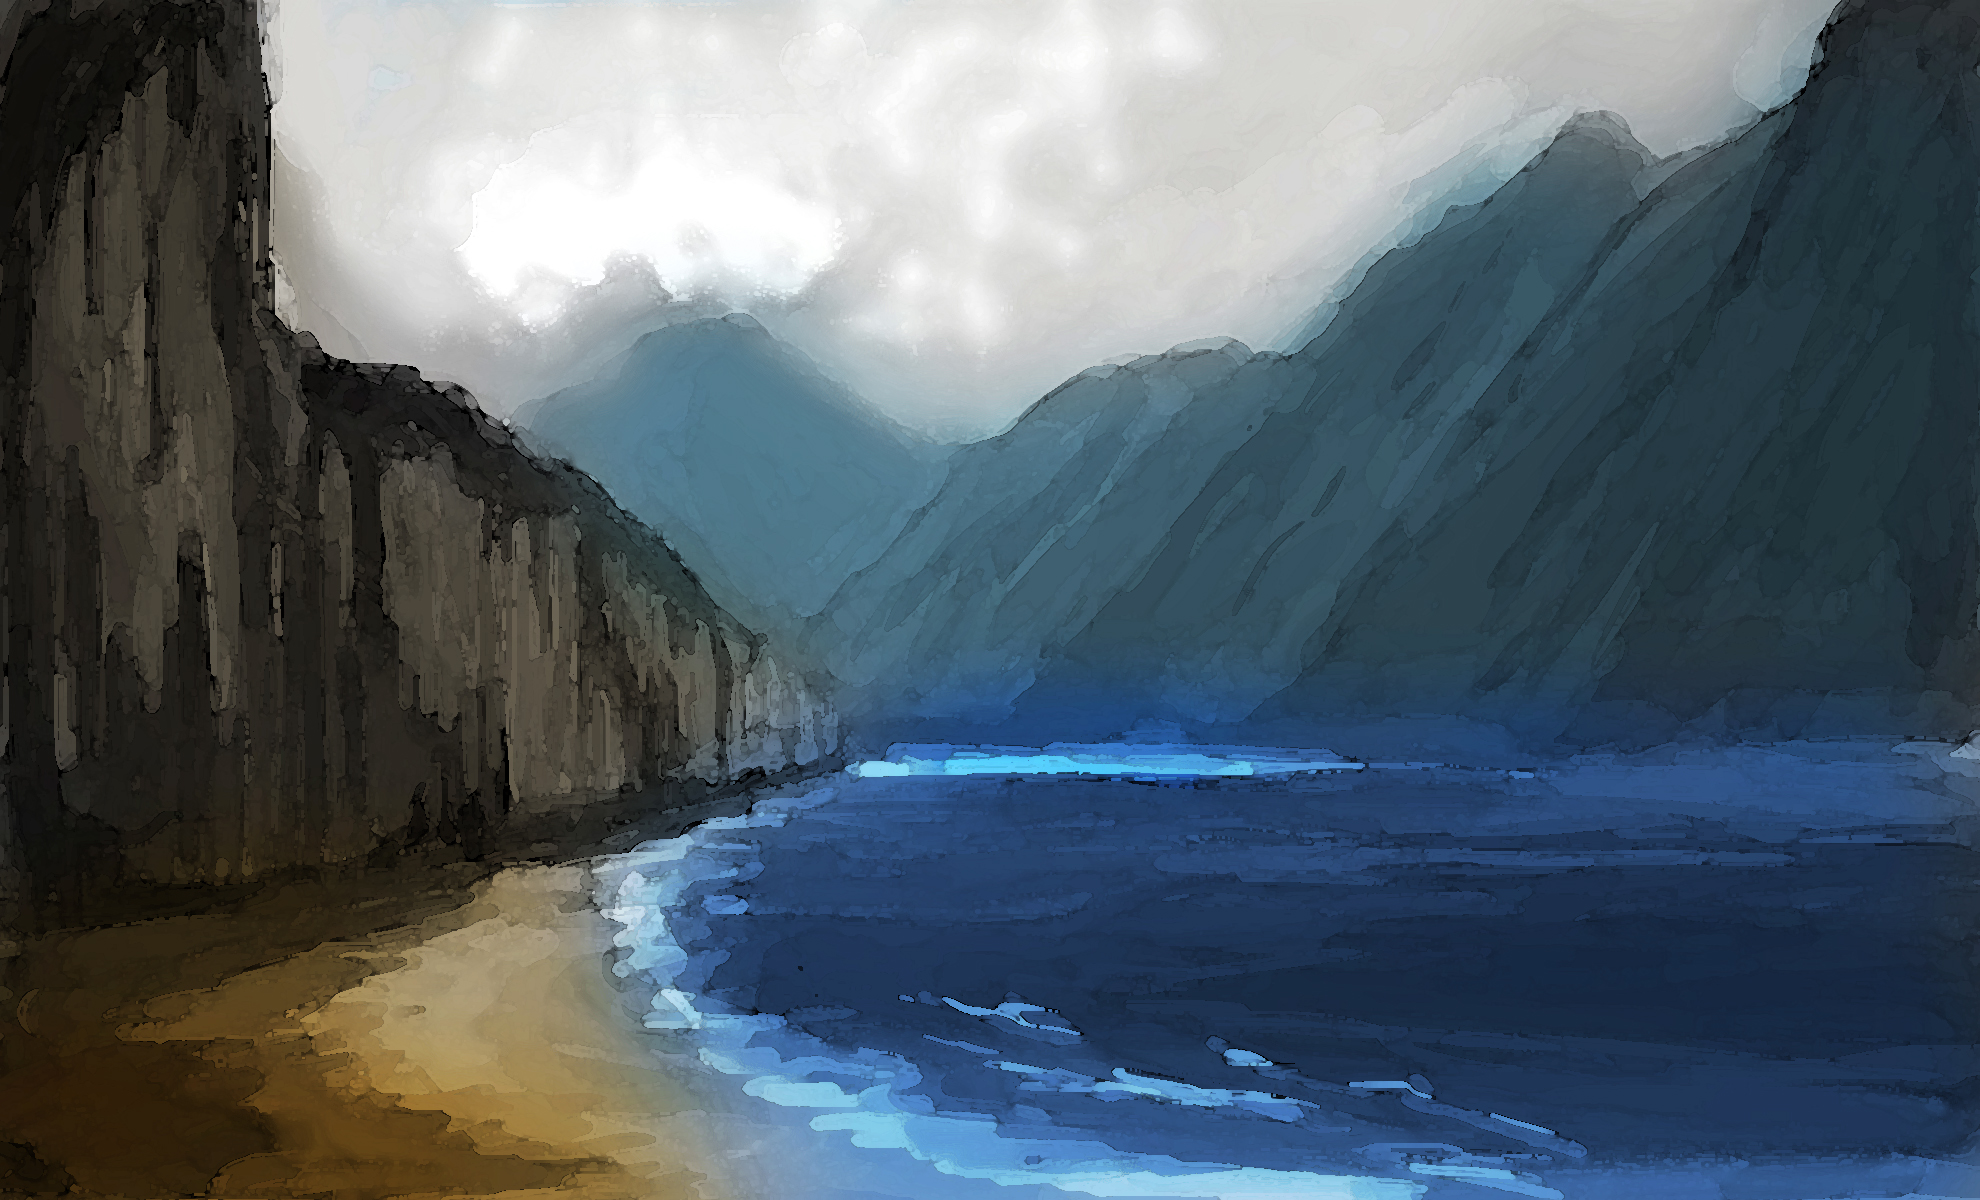 خلفيات وصور بحار احلي صور عن البحر hd (7)